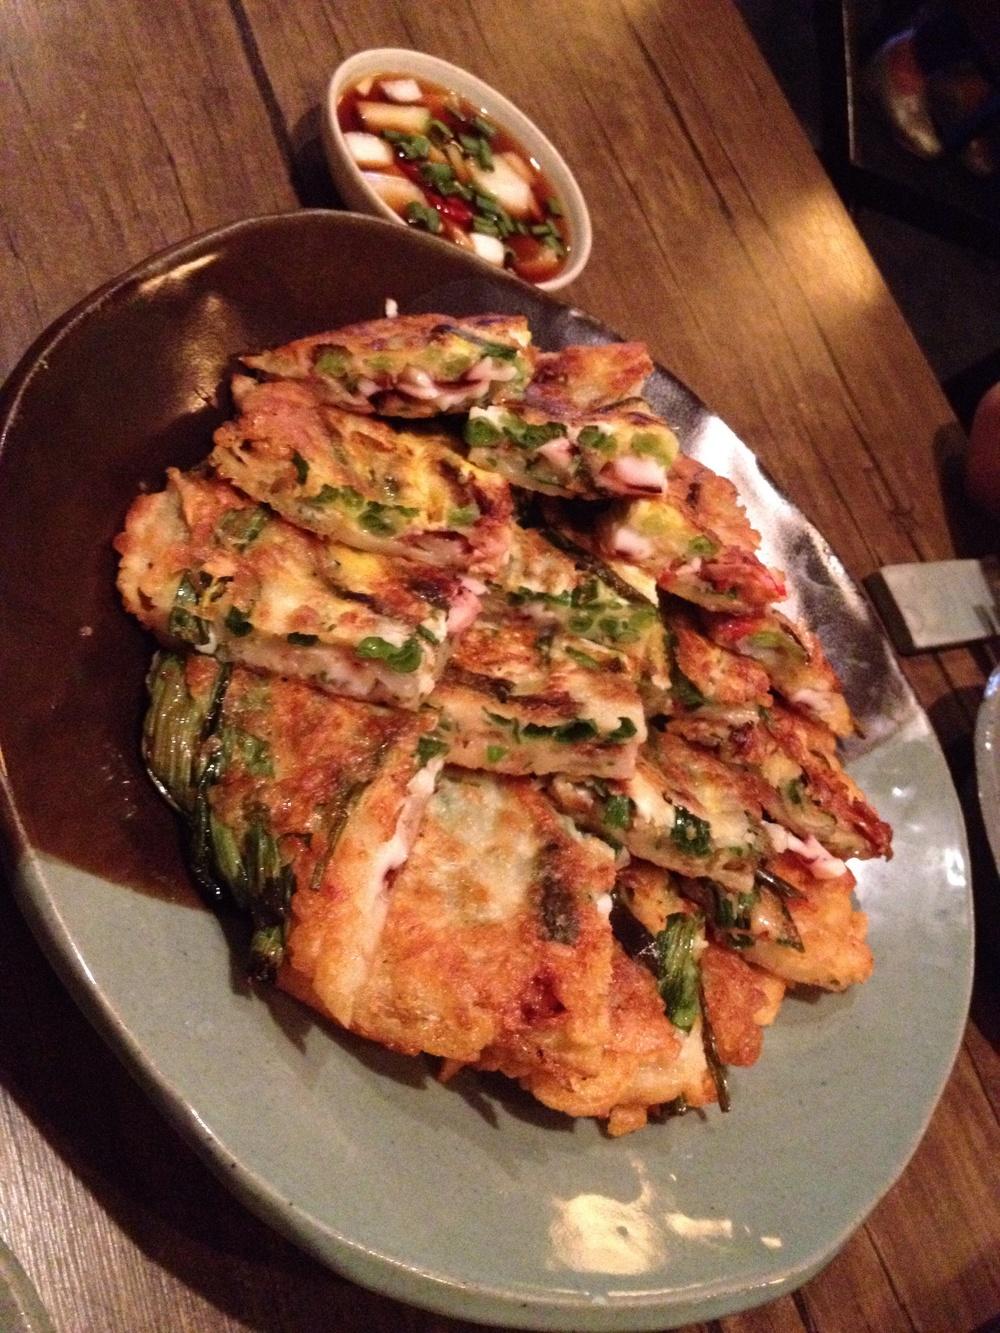 해물파전 (HaeMool PahJun) = Savoury seafood pancake mostly w. squid, shrimp and green onions. Very hot, crispy and delicious! Goes perfect with the soy-sauce w. a bite of onion/green onion each time!